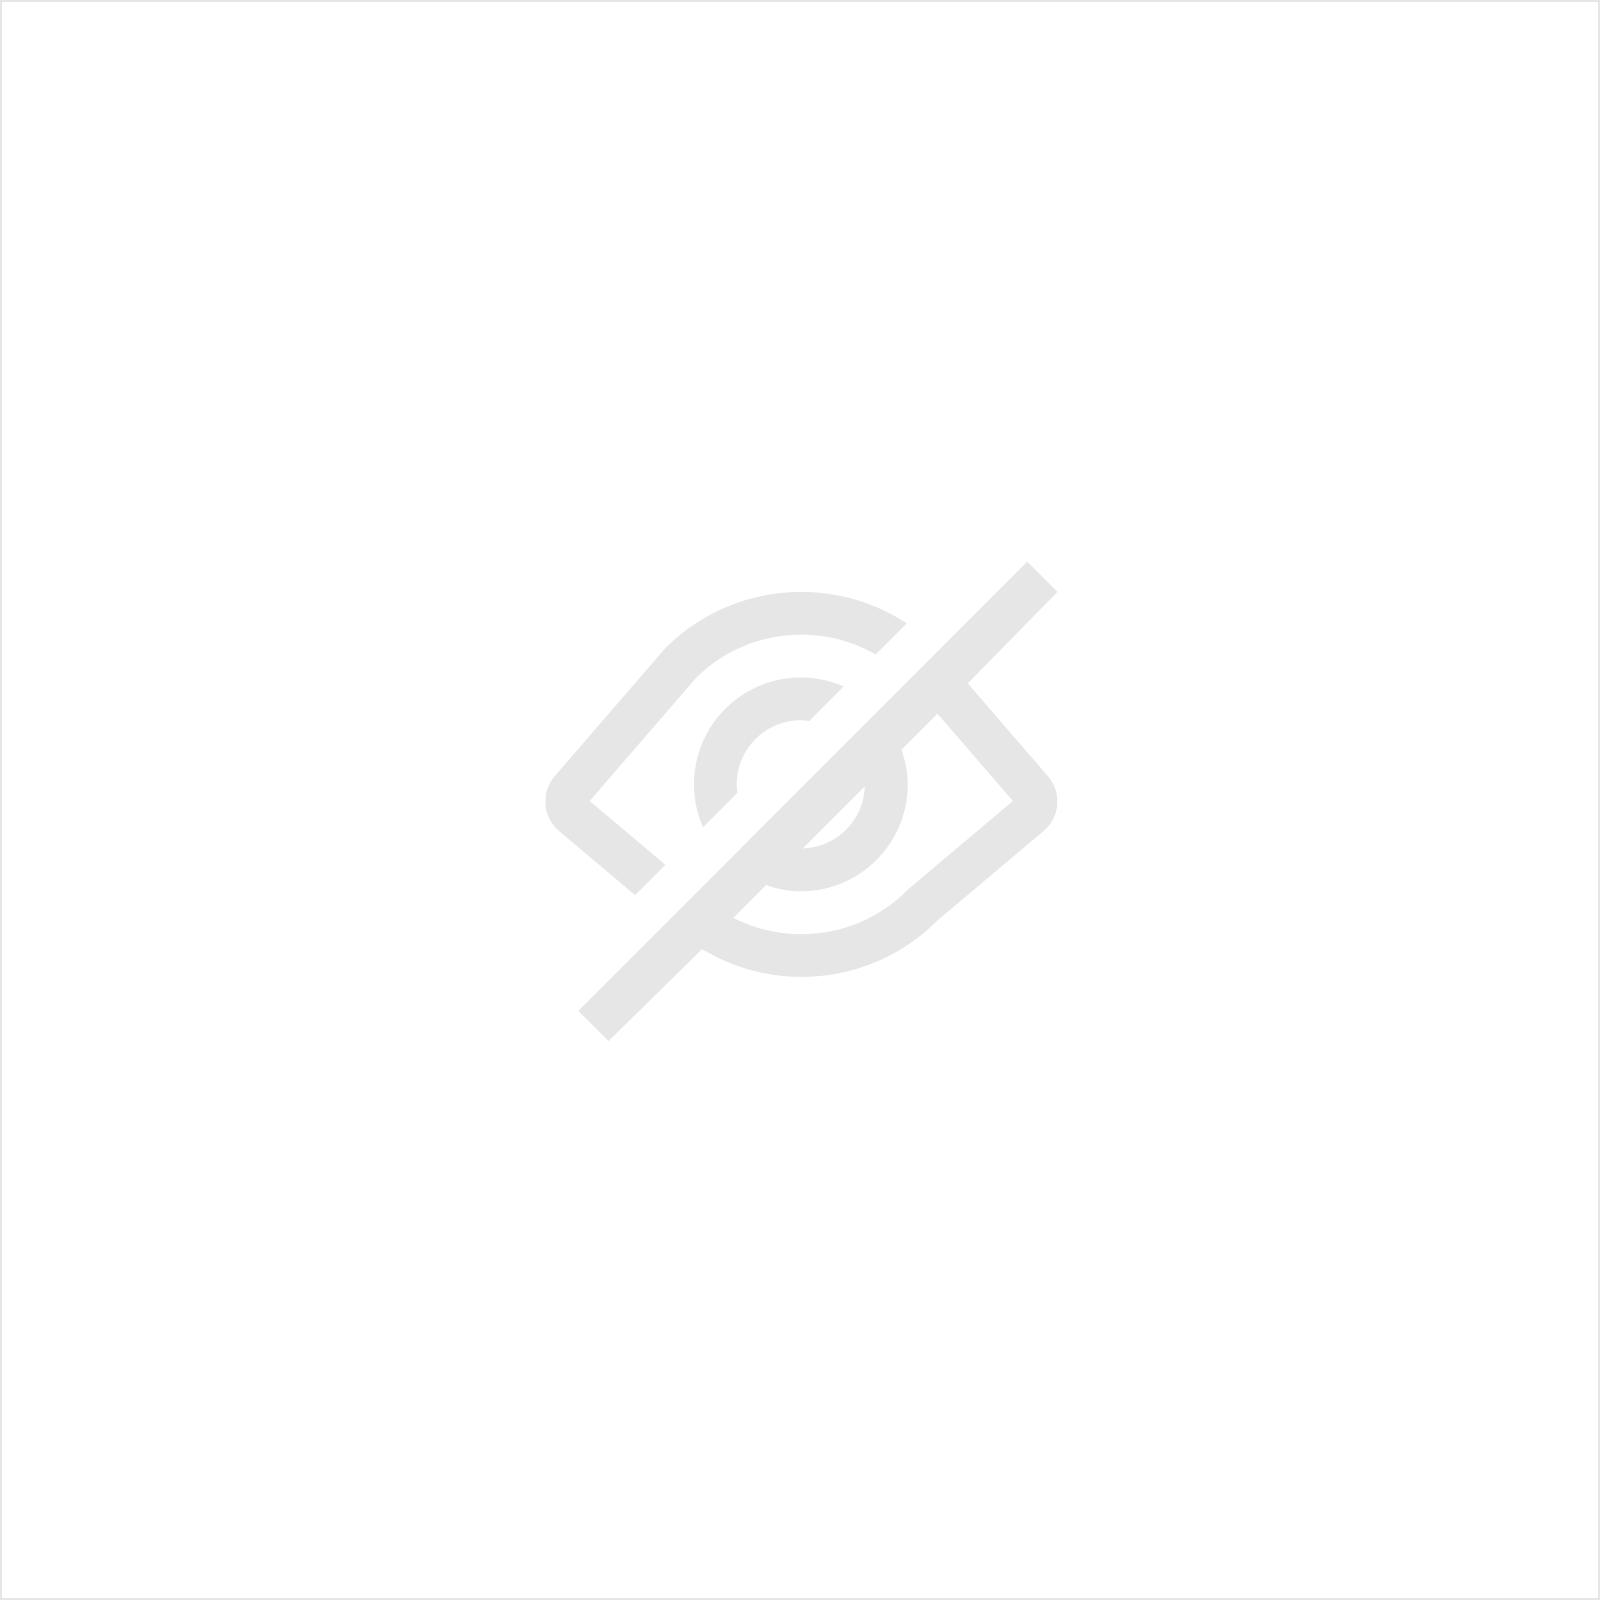 AUTOSOL ALUMINIUM BESCHERMOLIE 400 ML